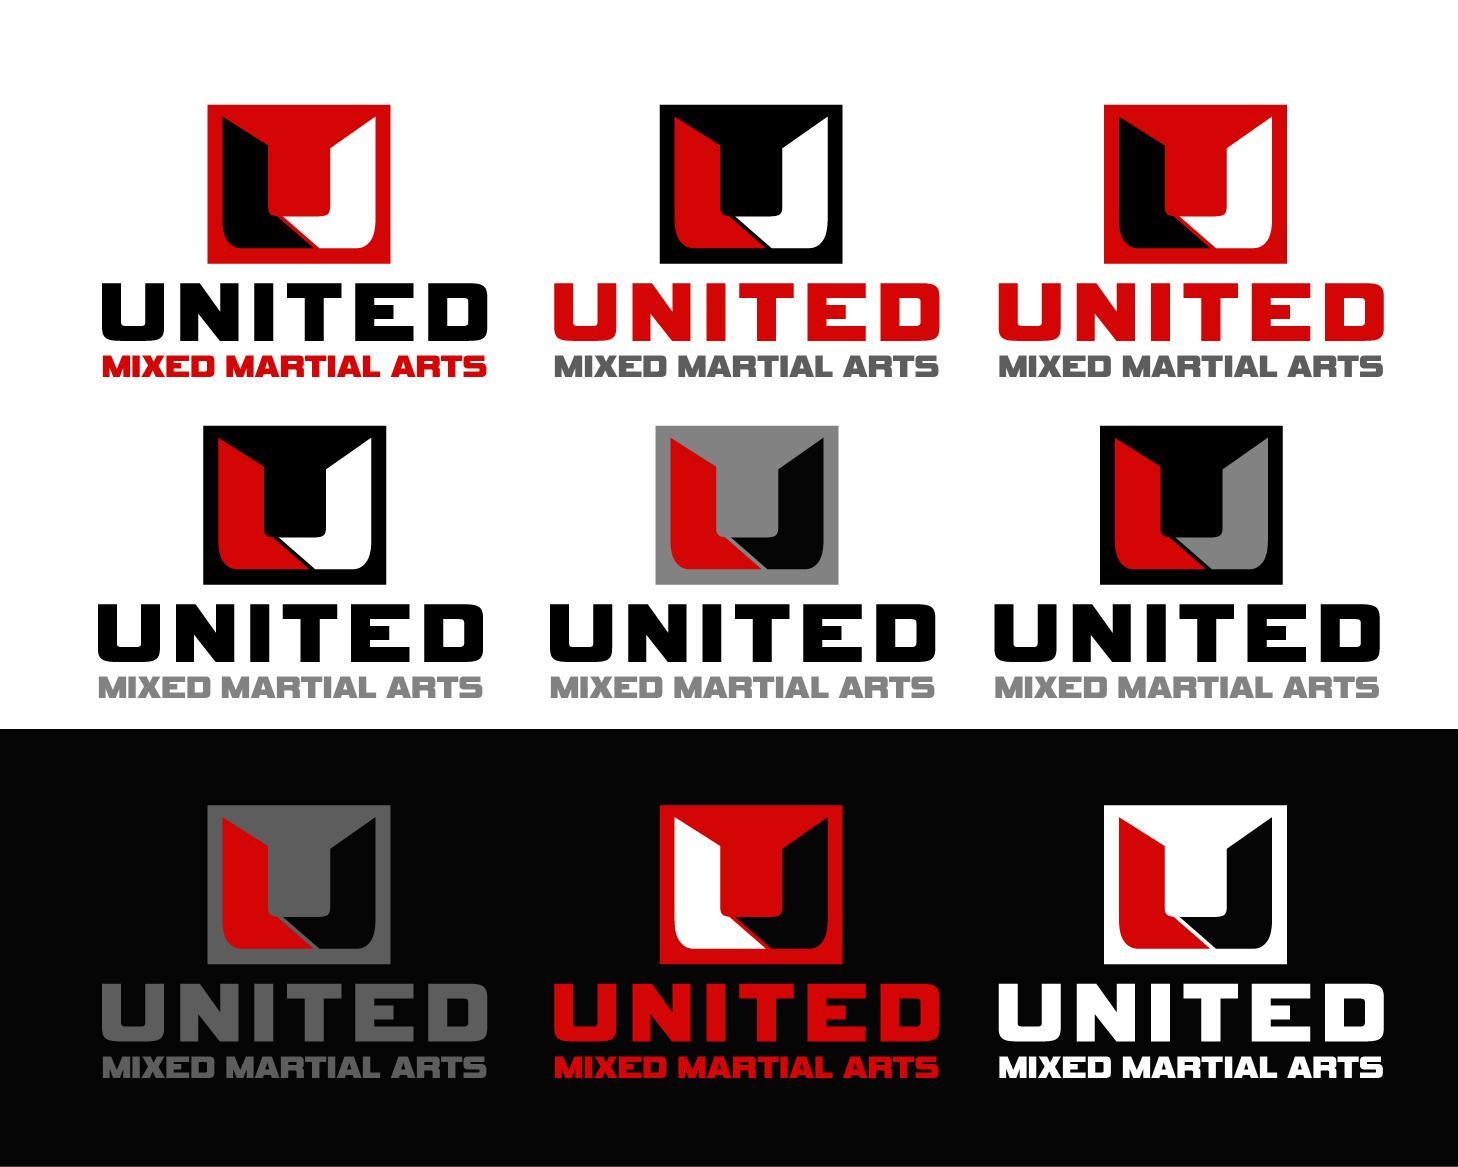 Logo Design by Allan Esclamado - Entry No. 101 in the Logo Design Contest Artistic Logo Design for United Mixed Martial Arts Ltd..